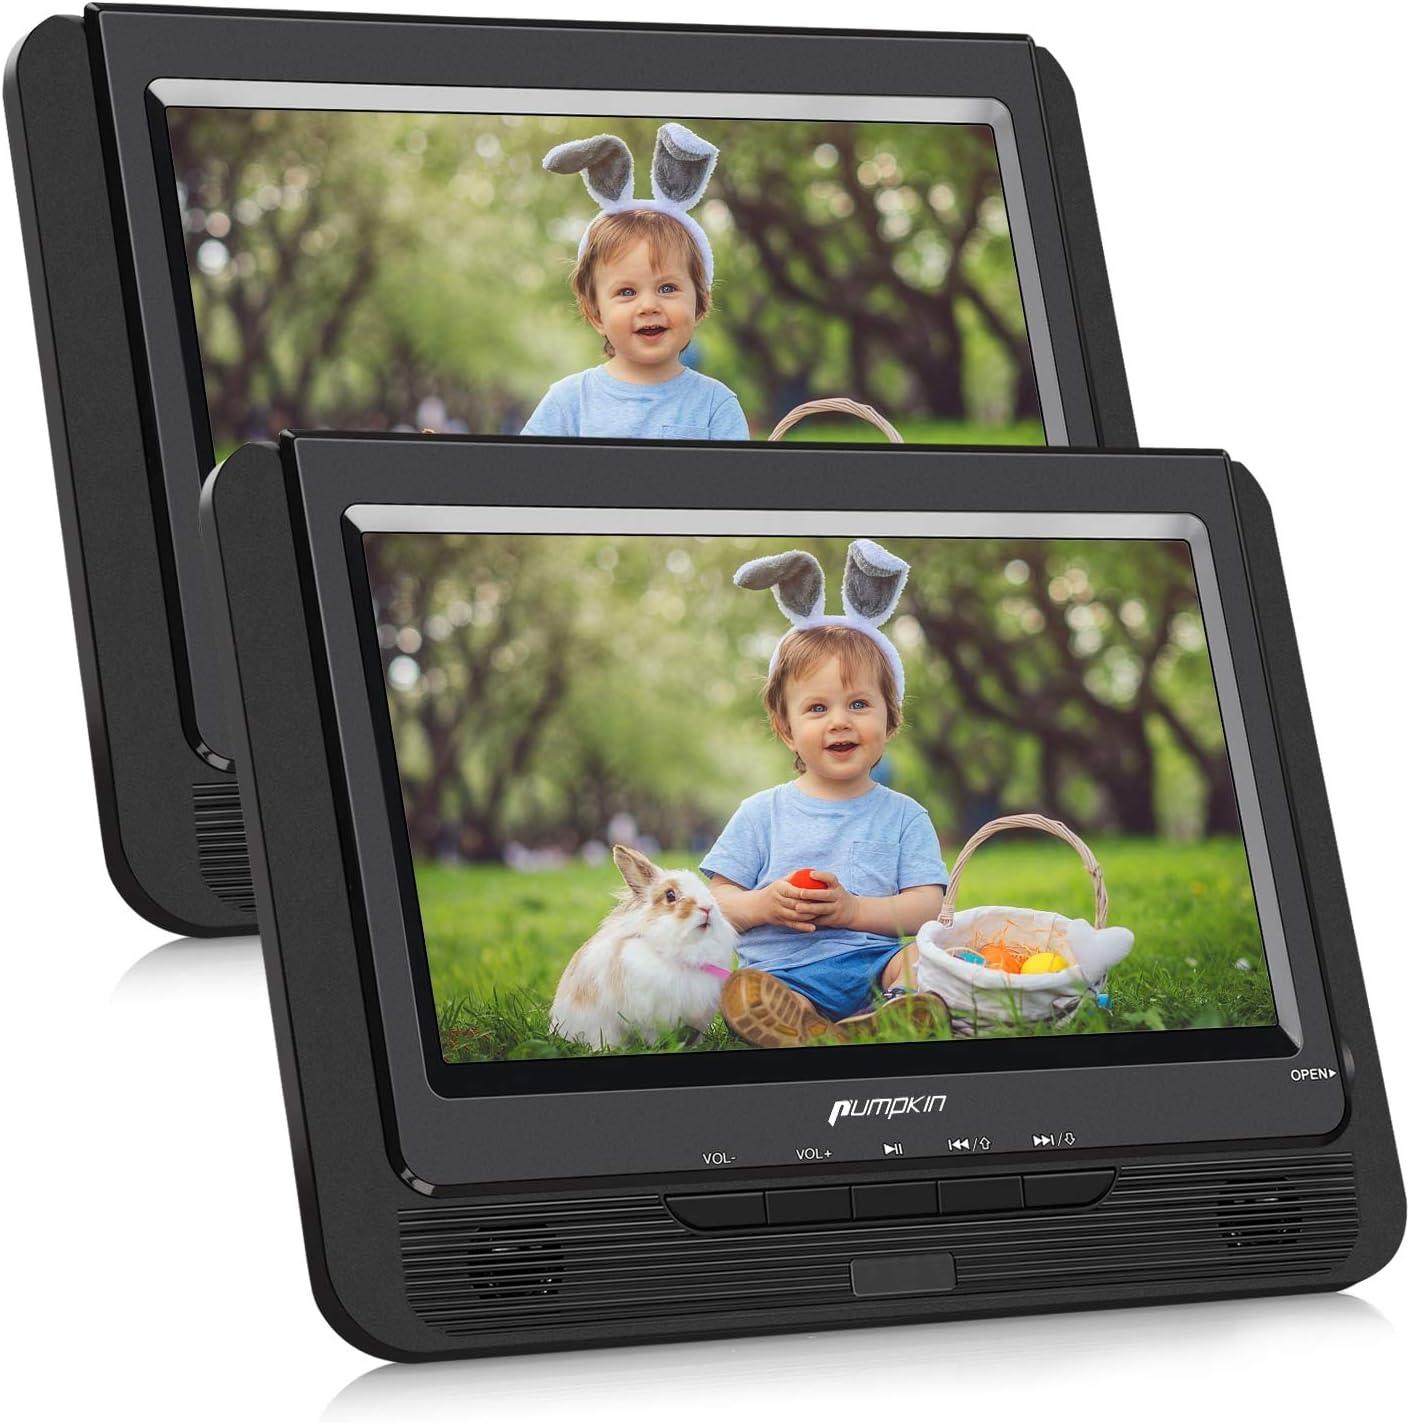 Pumpkin DVD Portatil Coche 2 Pantallas 9 pulgadas Reproductor para Reposacabezas con Cargador de coche, Soporta SD/ USB/ CD Multiregiones, con Control Remoto